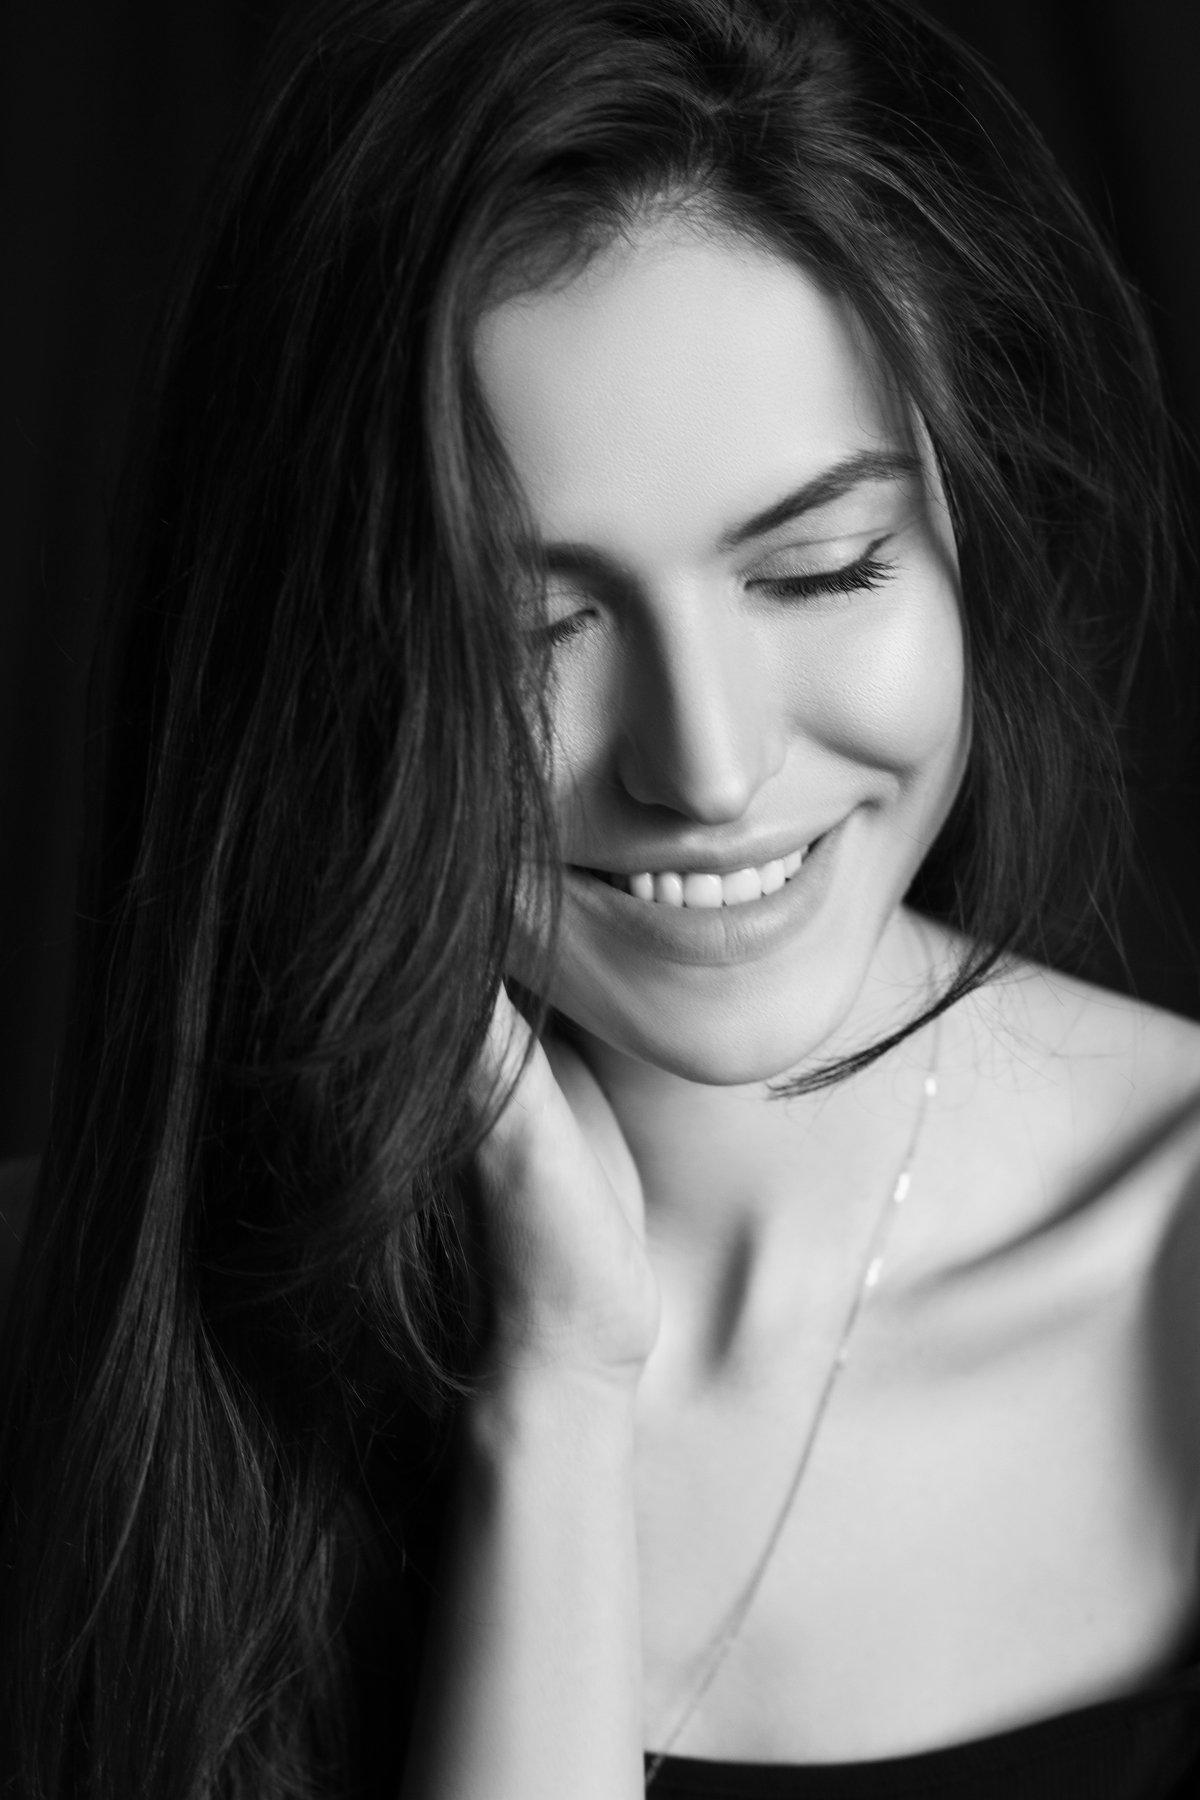 девушка портрет чб черно-белое , Диана Хилько